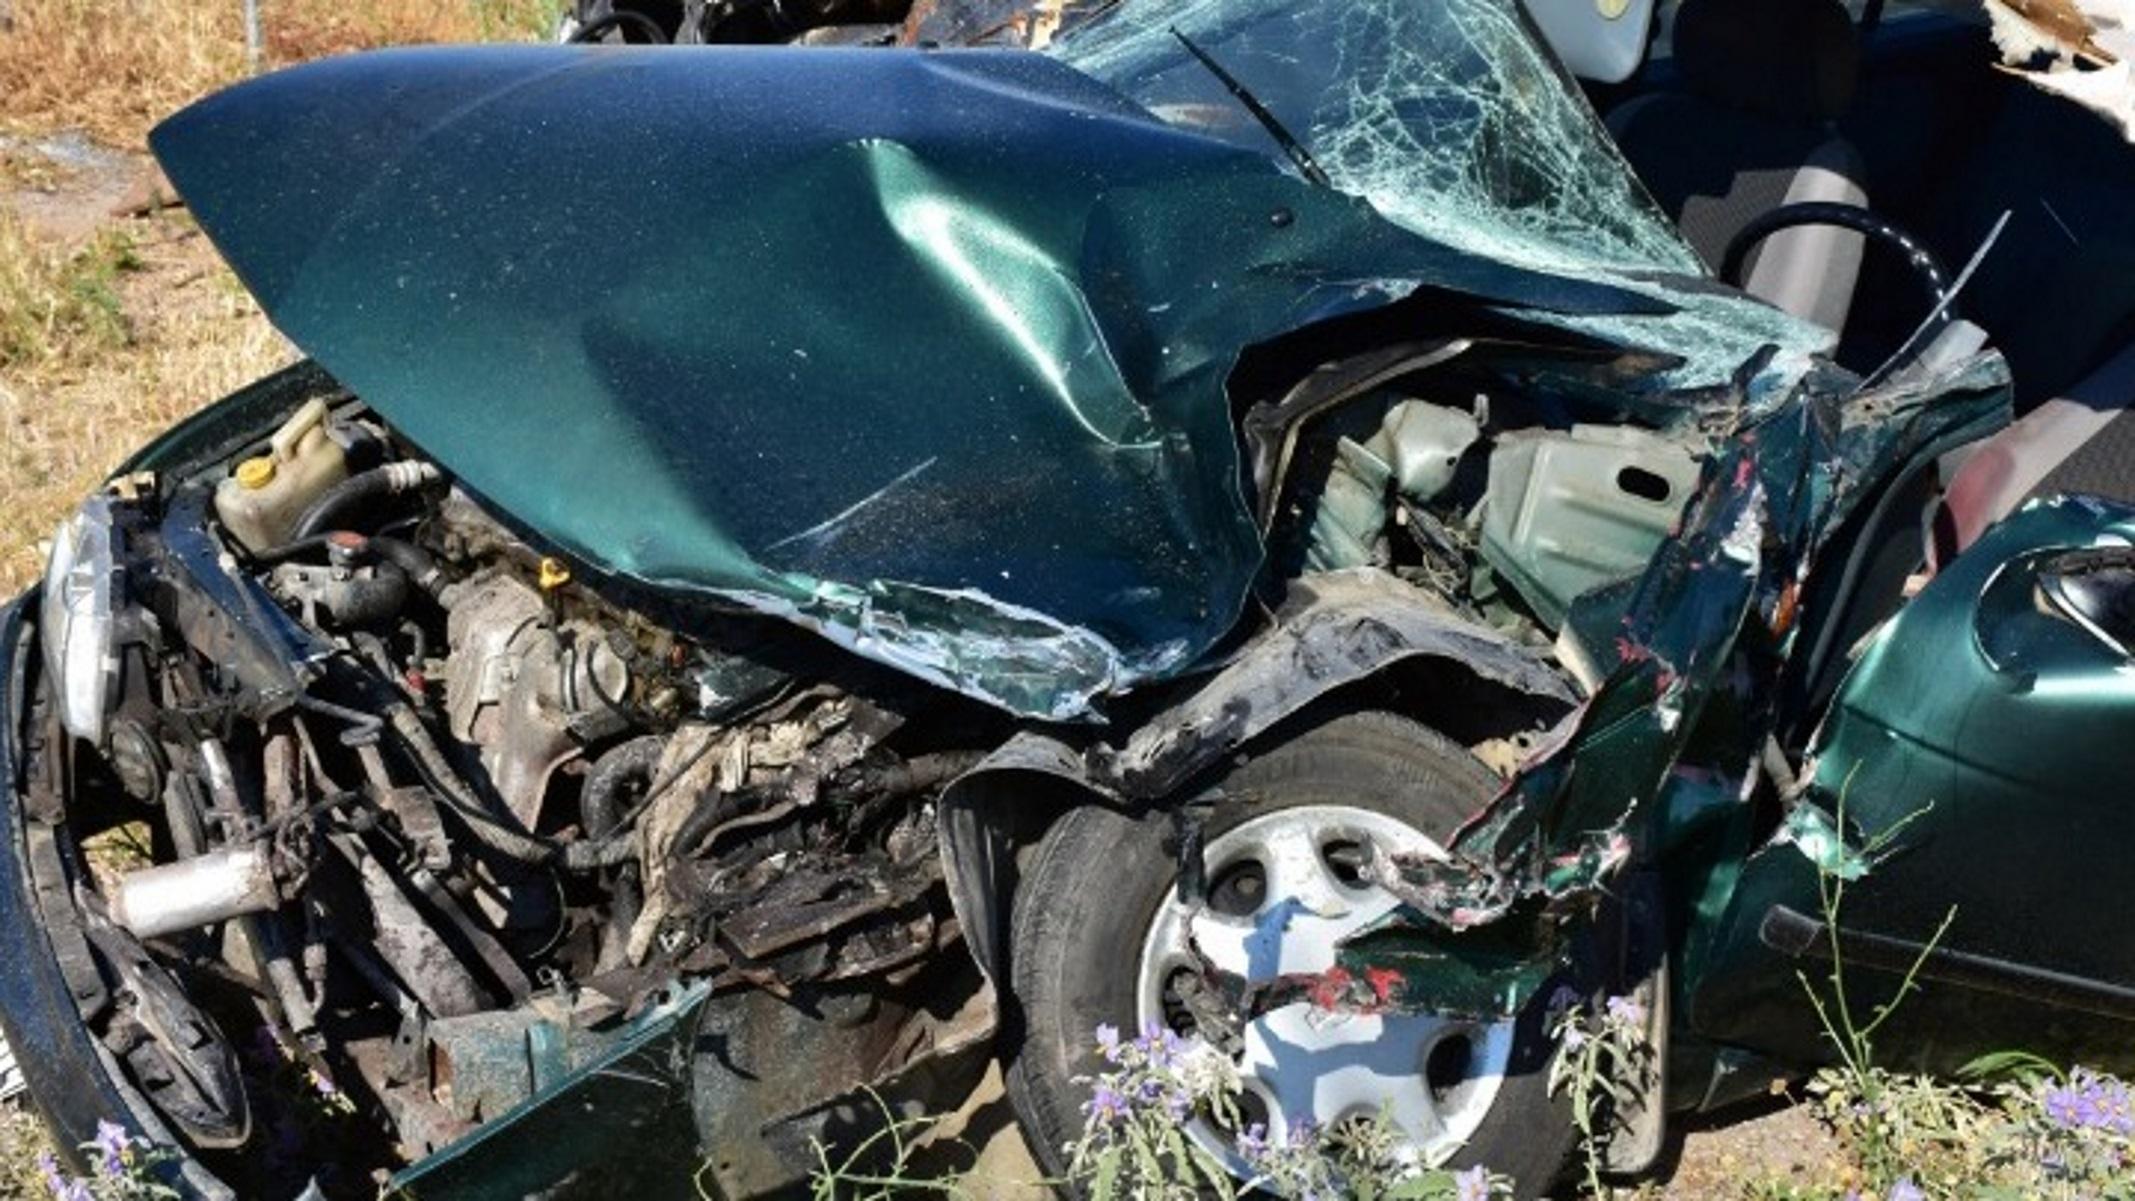 Λάρισα: Τροχαίο με τραυματία στο Στόμιο